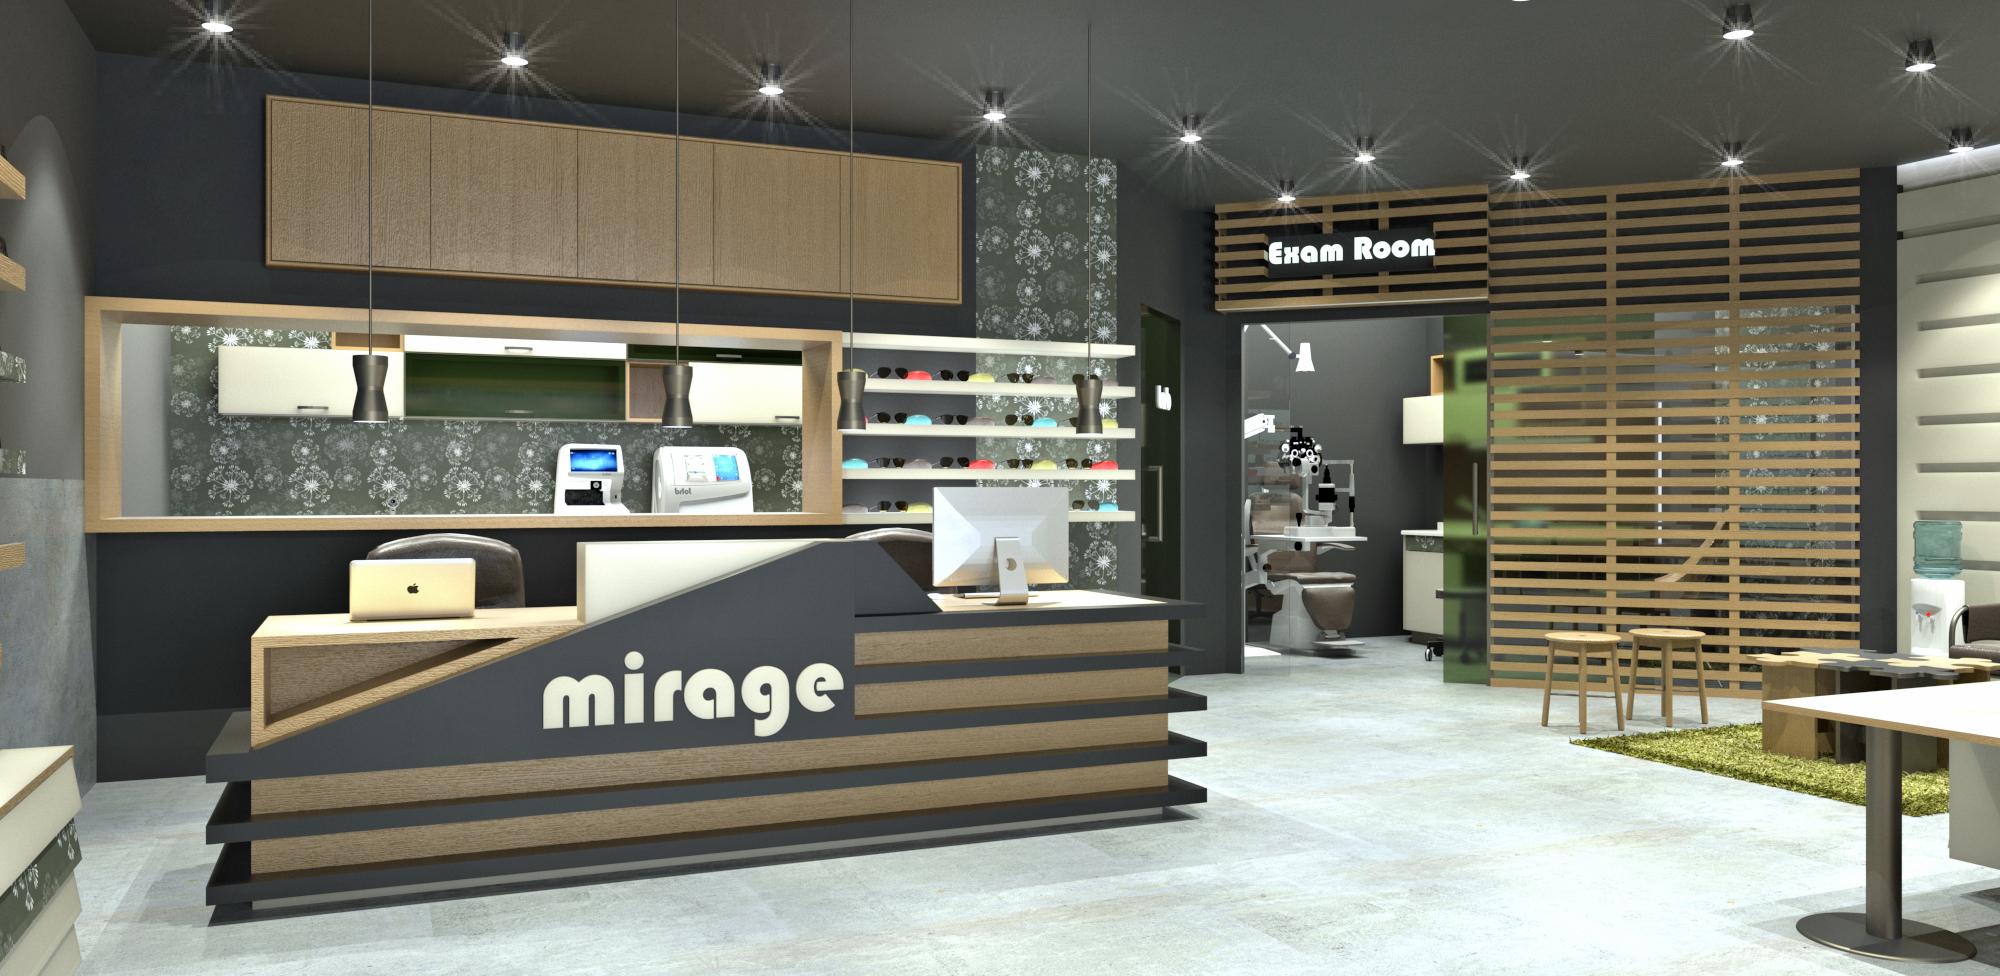 Mirage - ansicht 1 - 19.Mär.2018.jpg